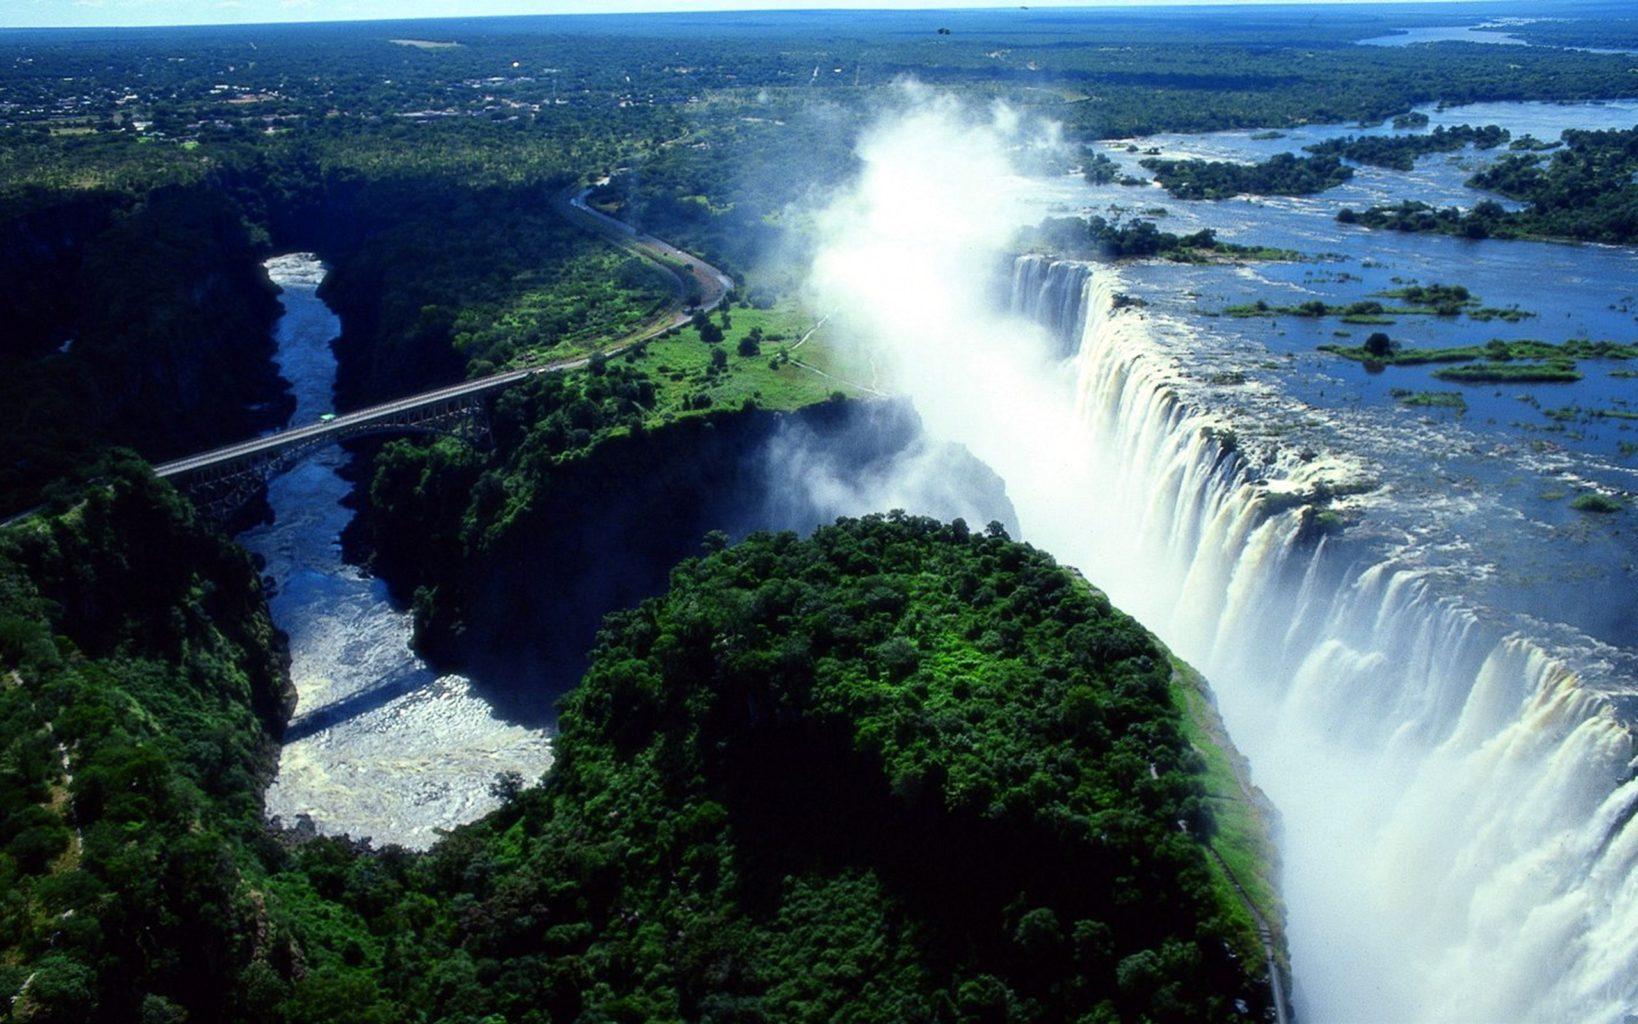 Знаменитый водопад Виктория в Африке катастрофически обмелел